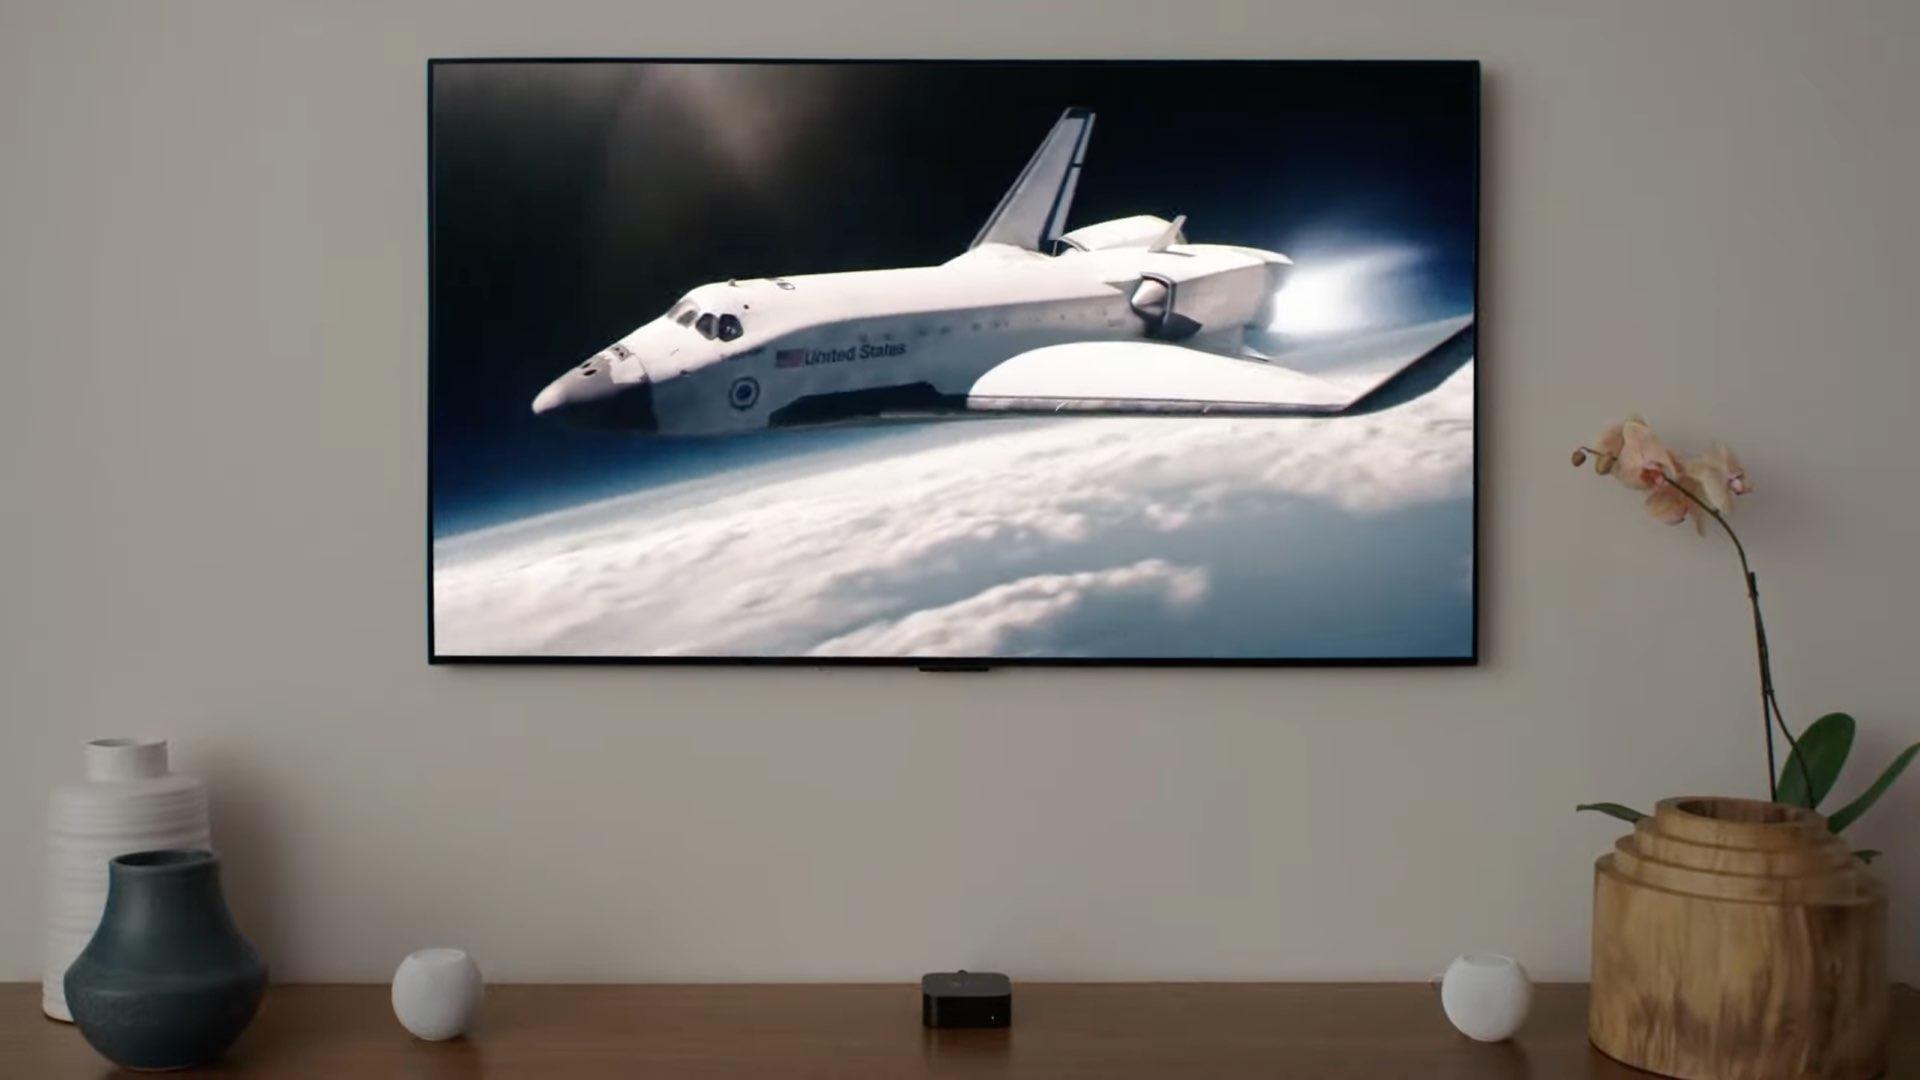 Une image montrant l'Apple TV 4K et deux mini haut-parleurs HomePod dans la configuration audio du home cinéma